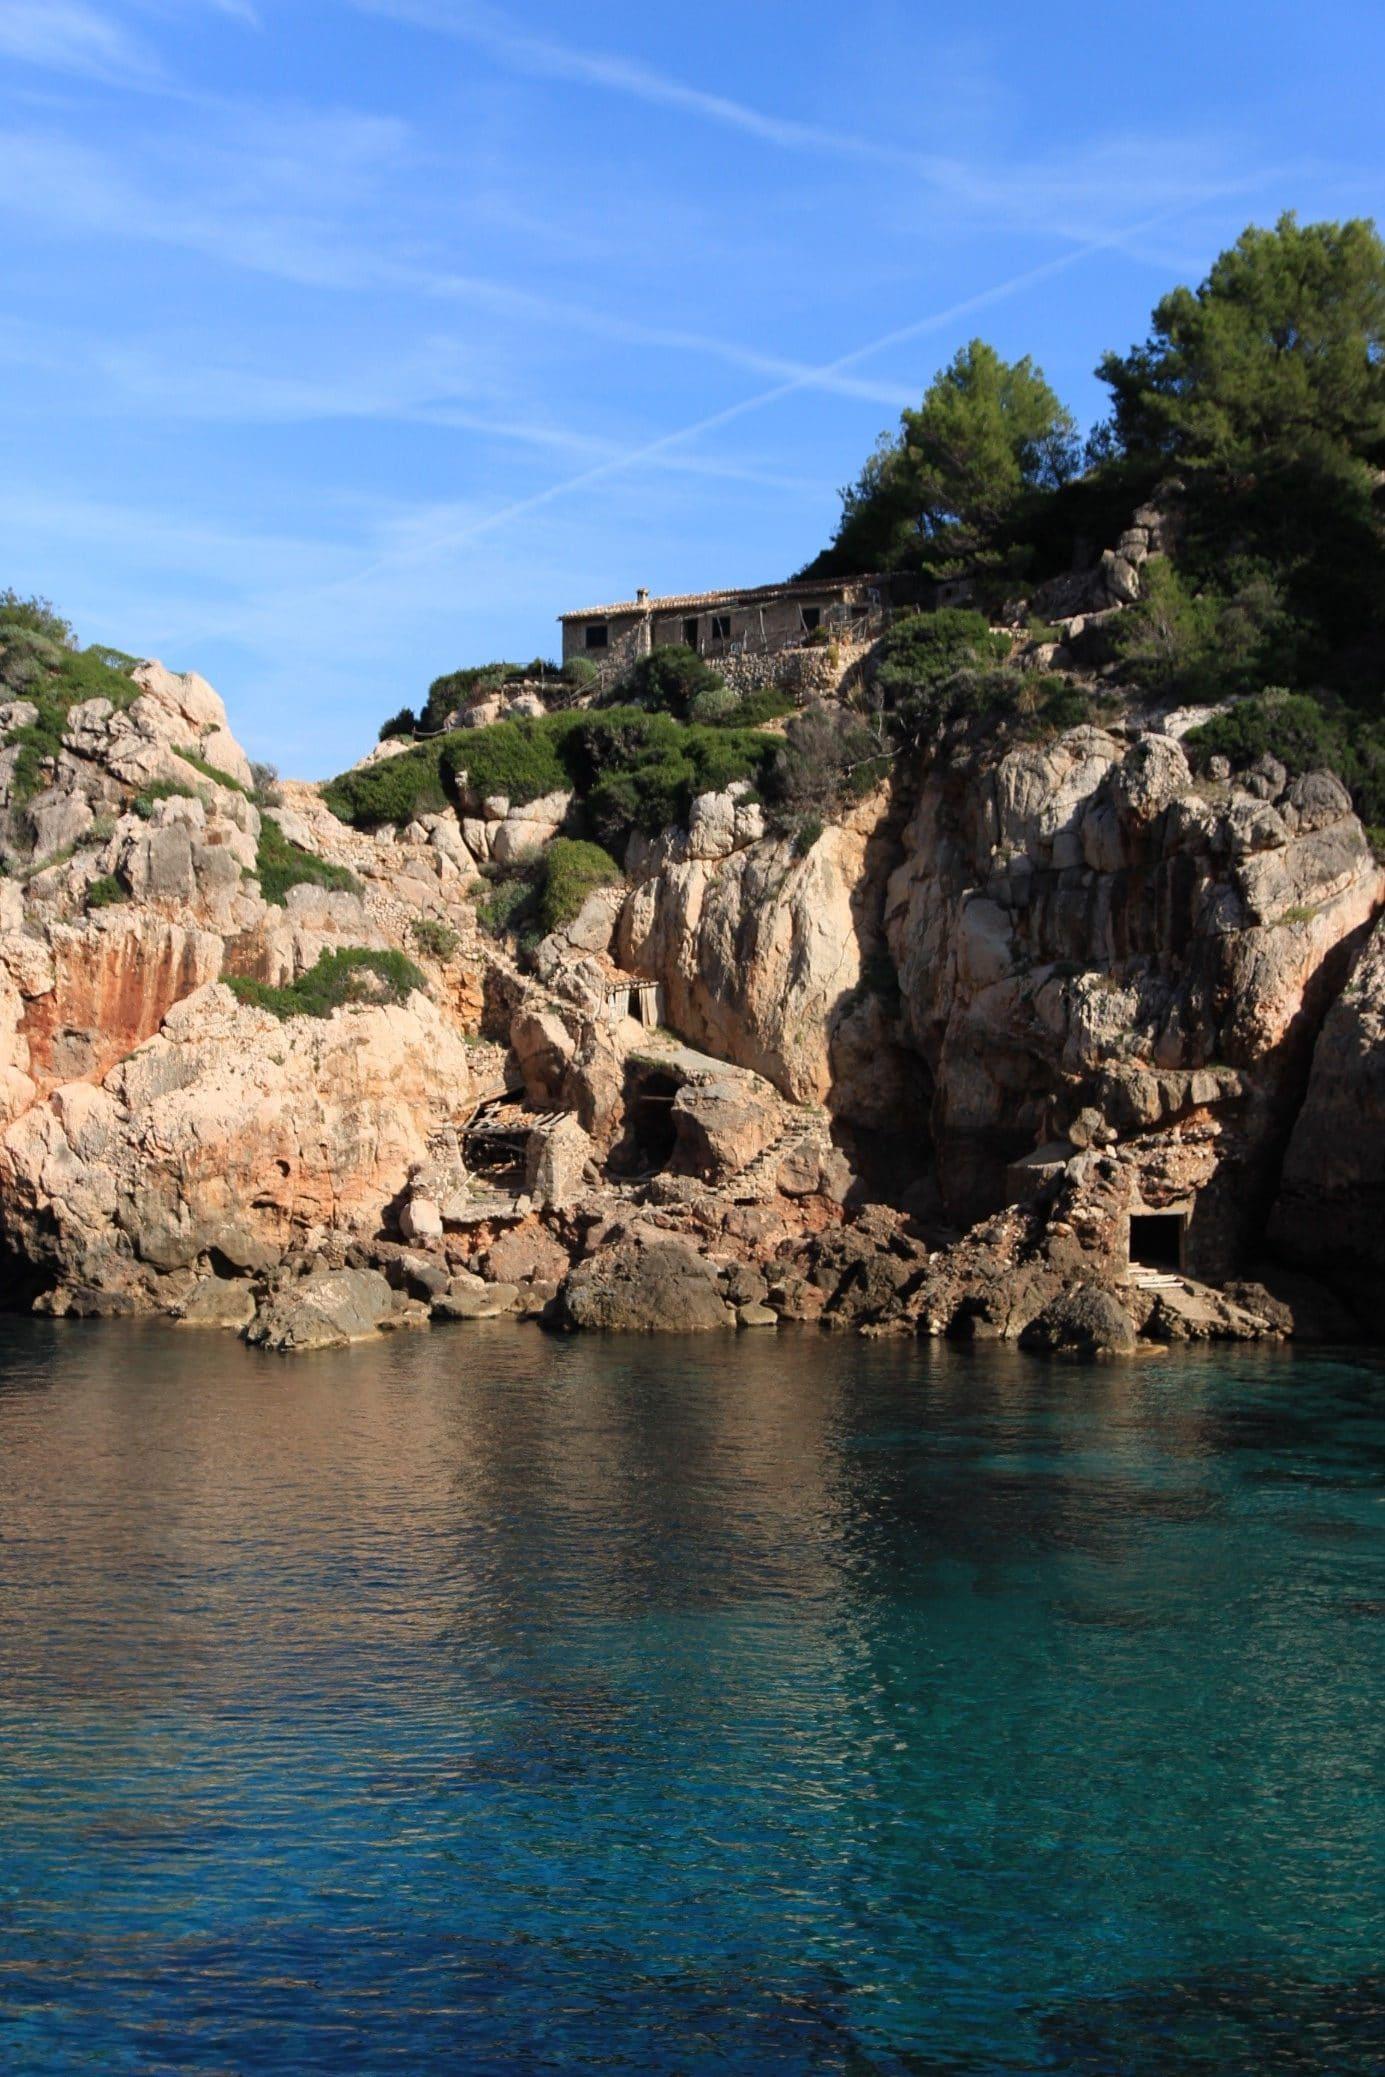 Coaching Wal auf Mallorca Impression einer Schlucht mit türkisblauem Meer